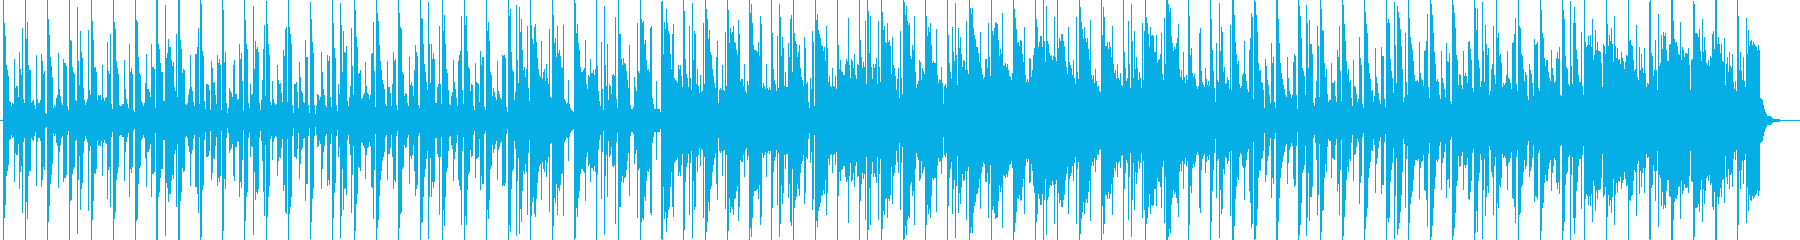 スローテンポのキラめくインストポップスの再生済みの波形